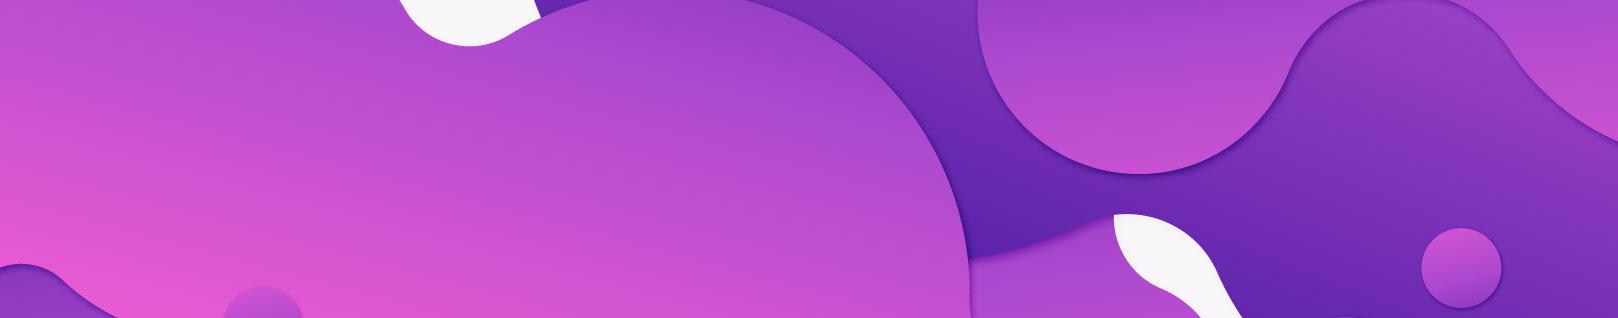 backgroundPrezi v02 01